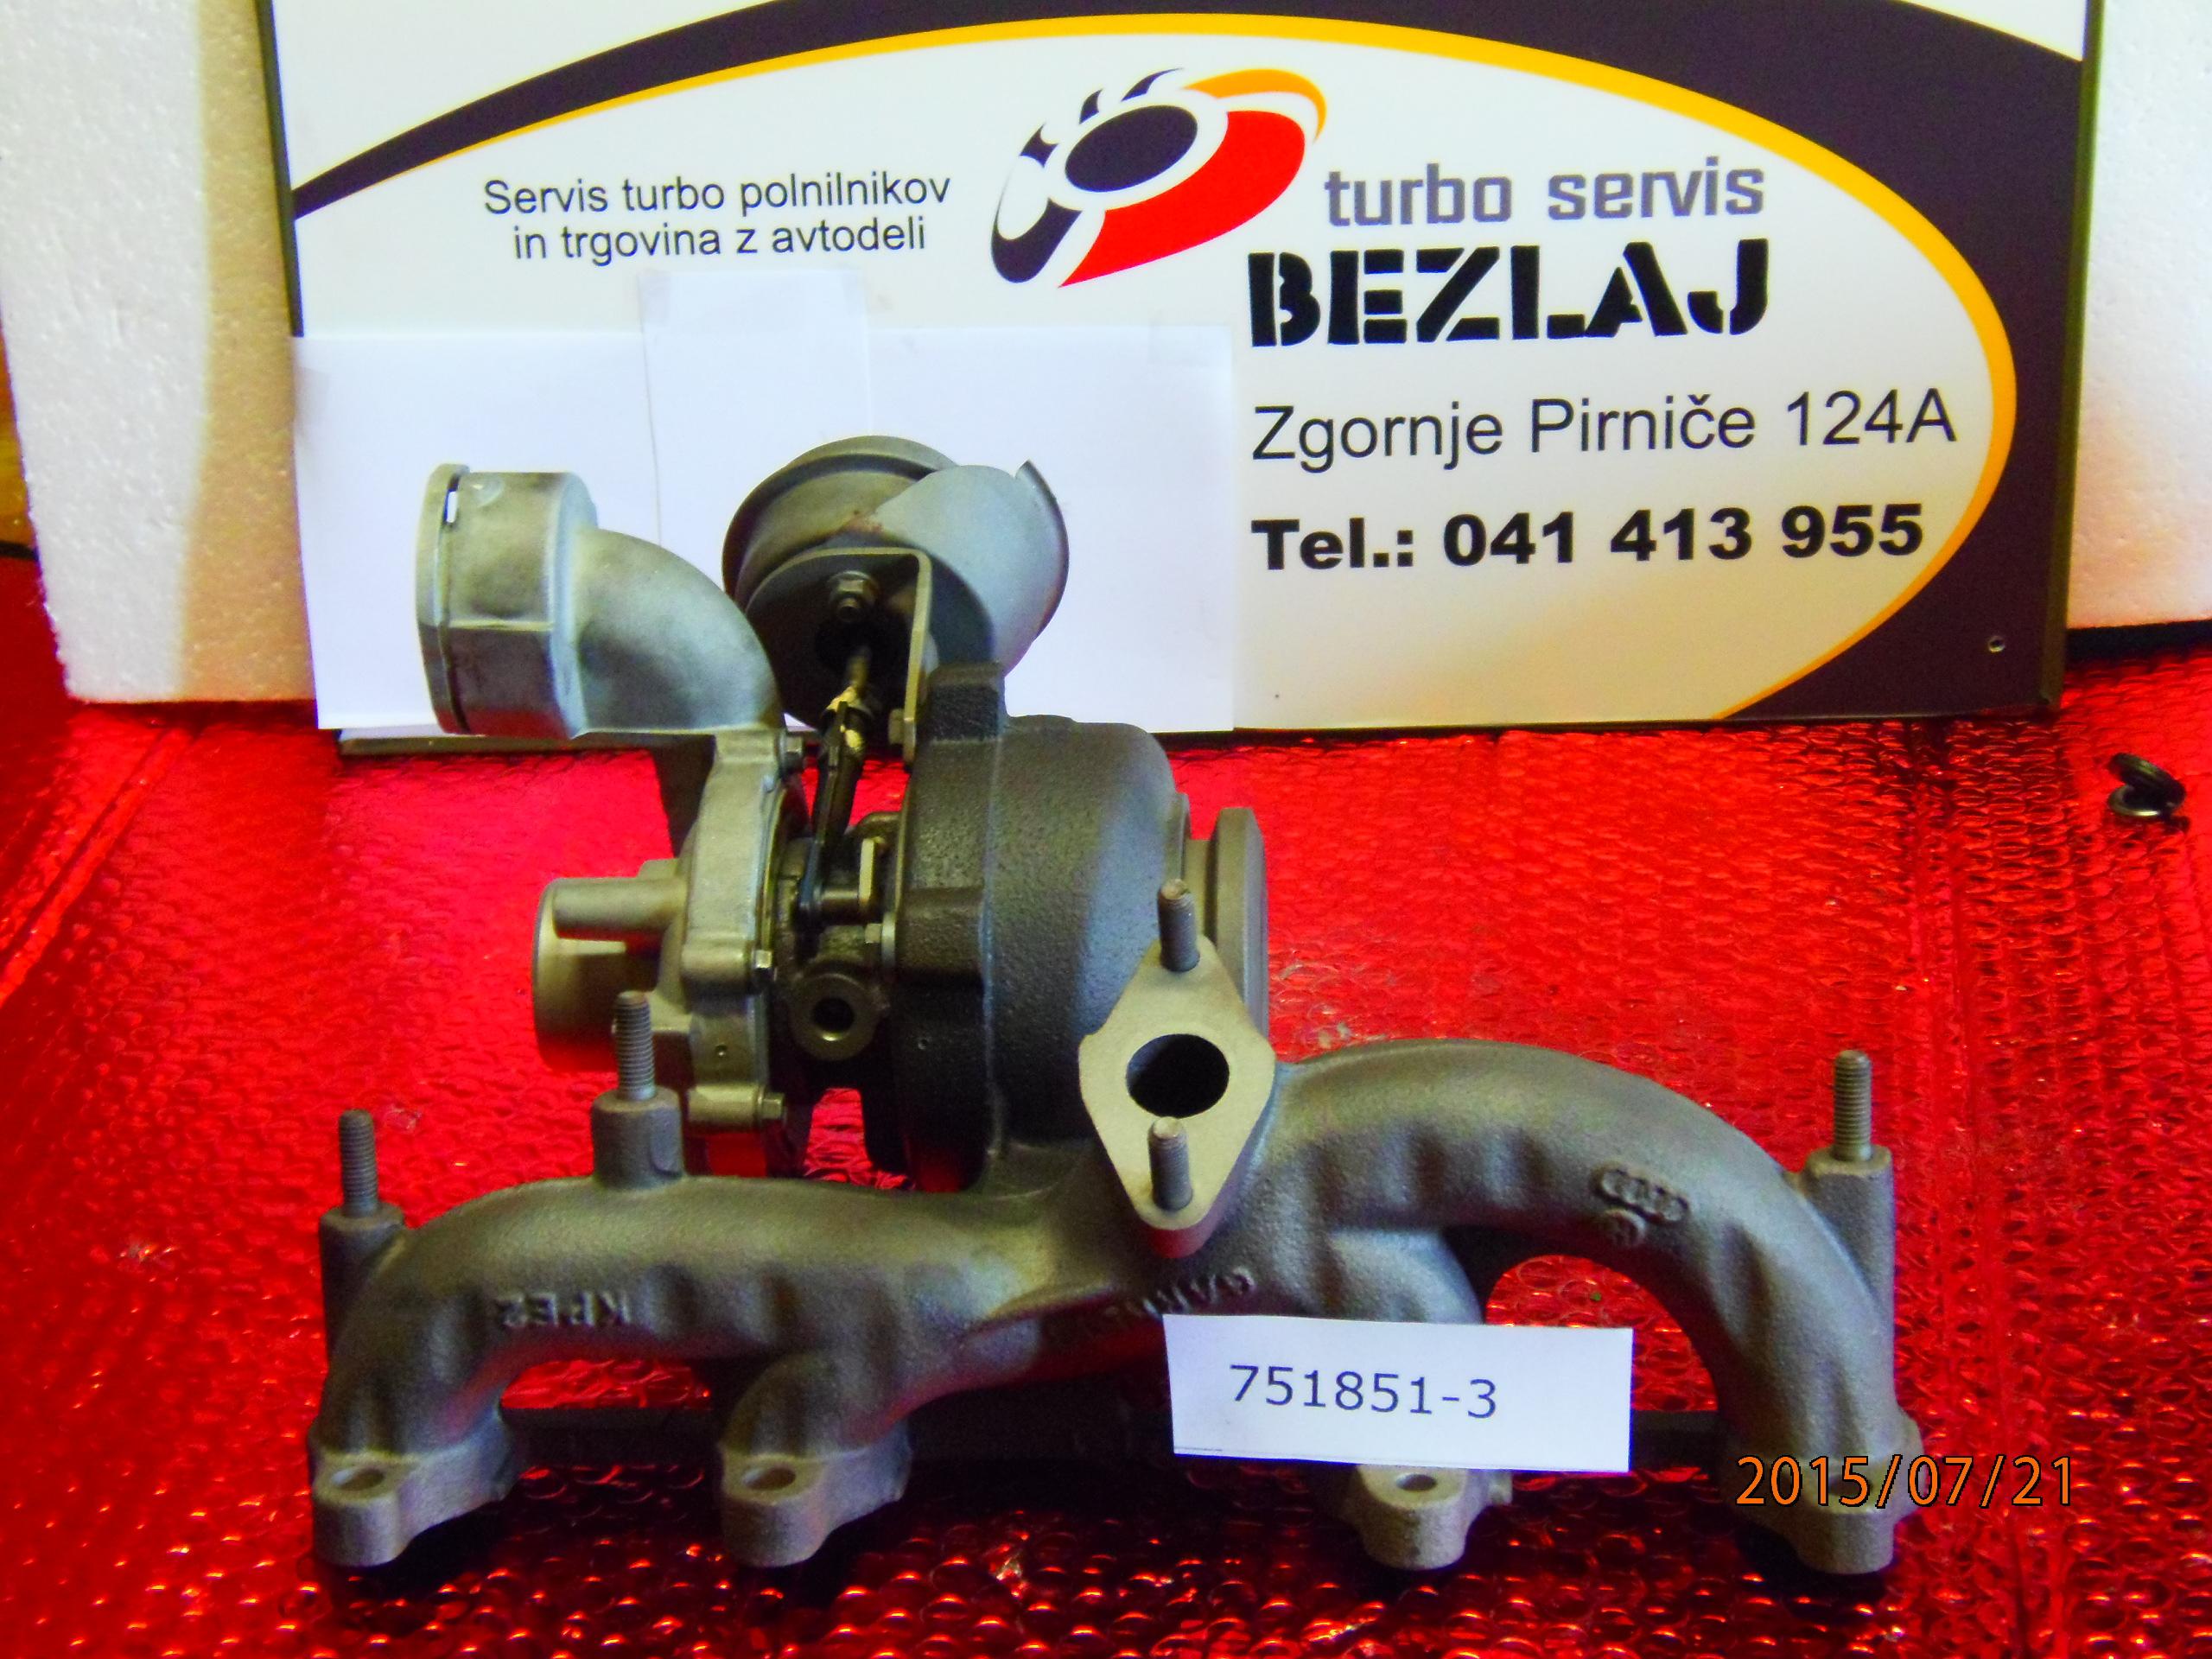 turbo751851-3 (2)